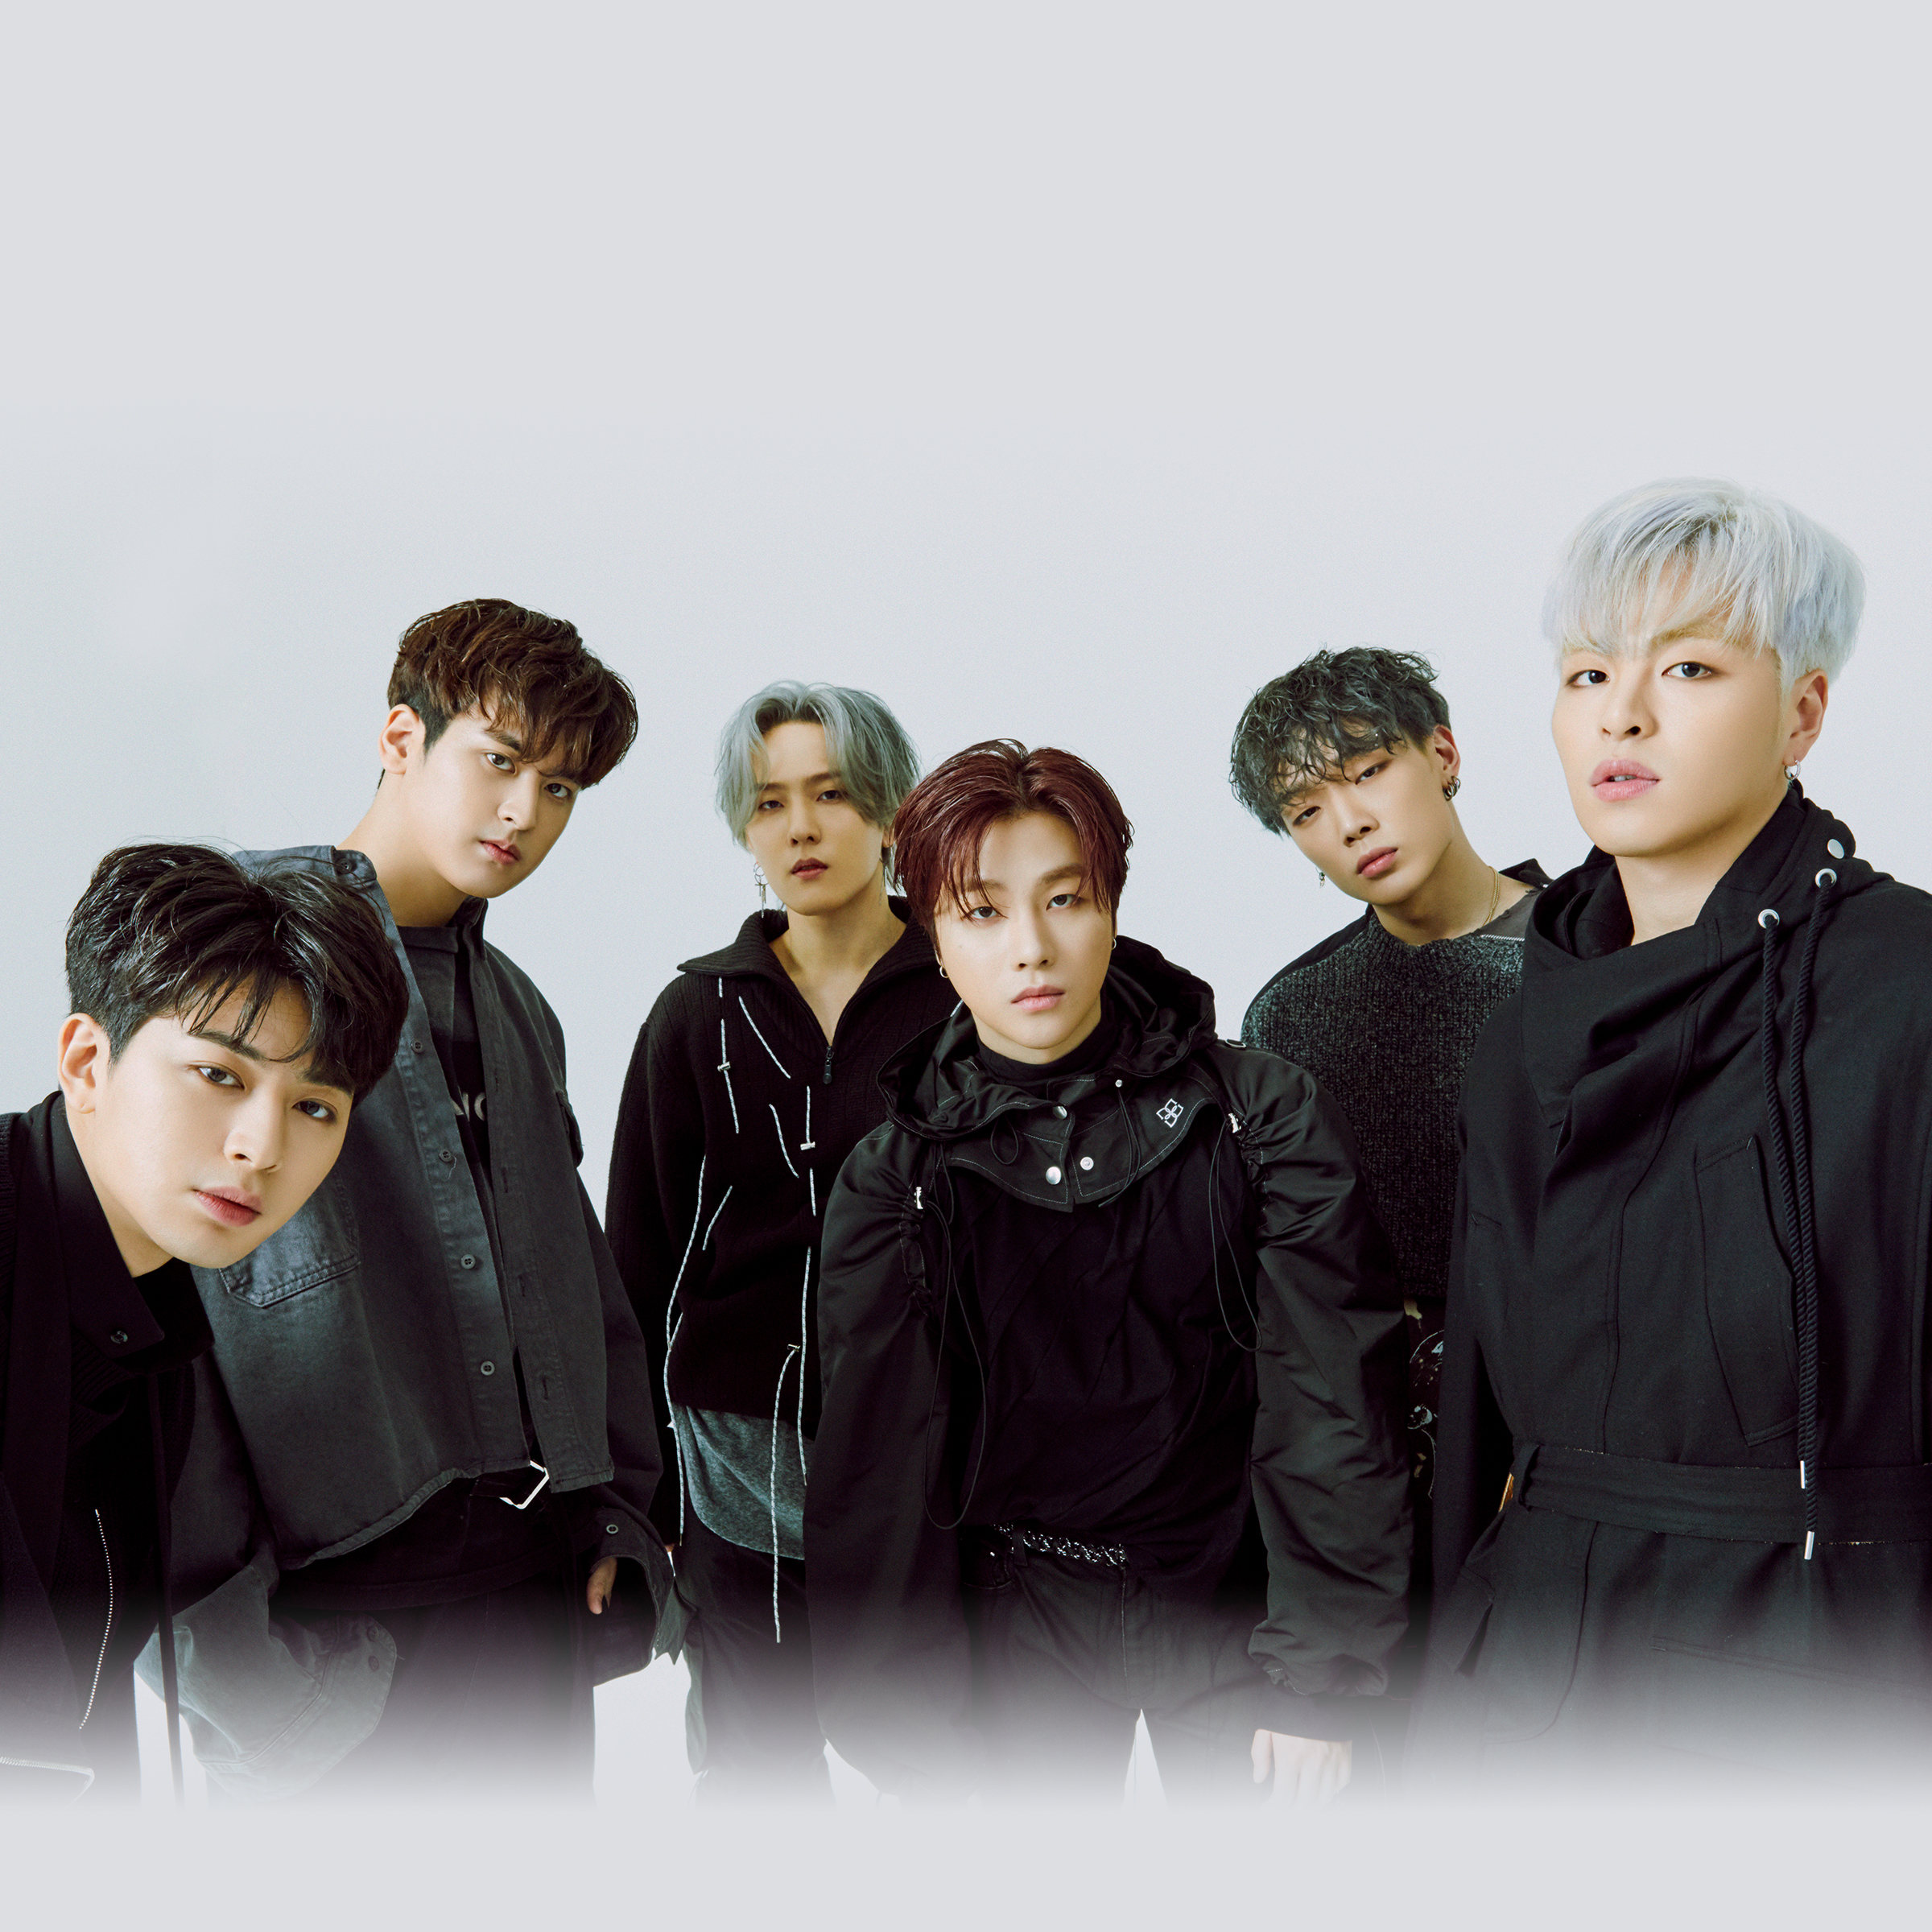 iKON i Decide group